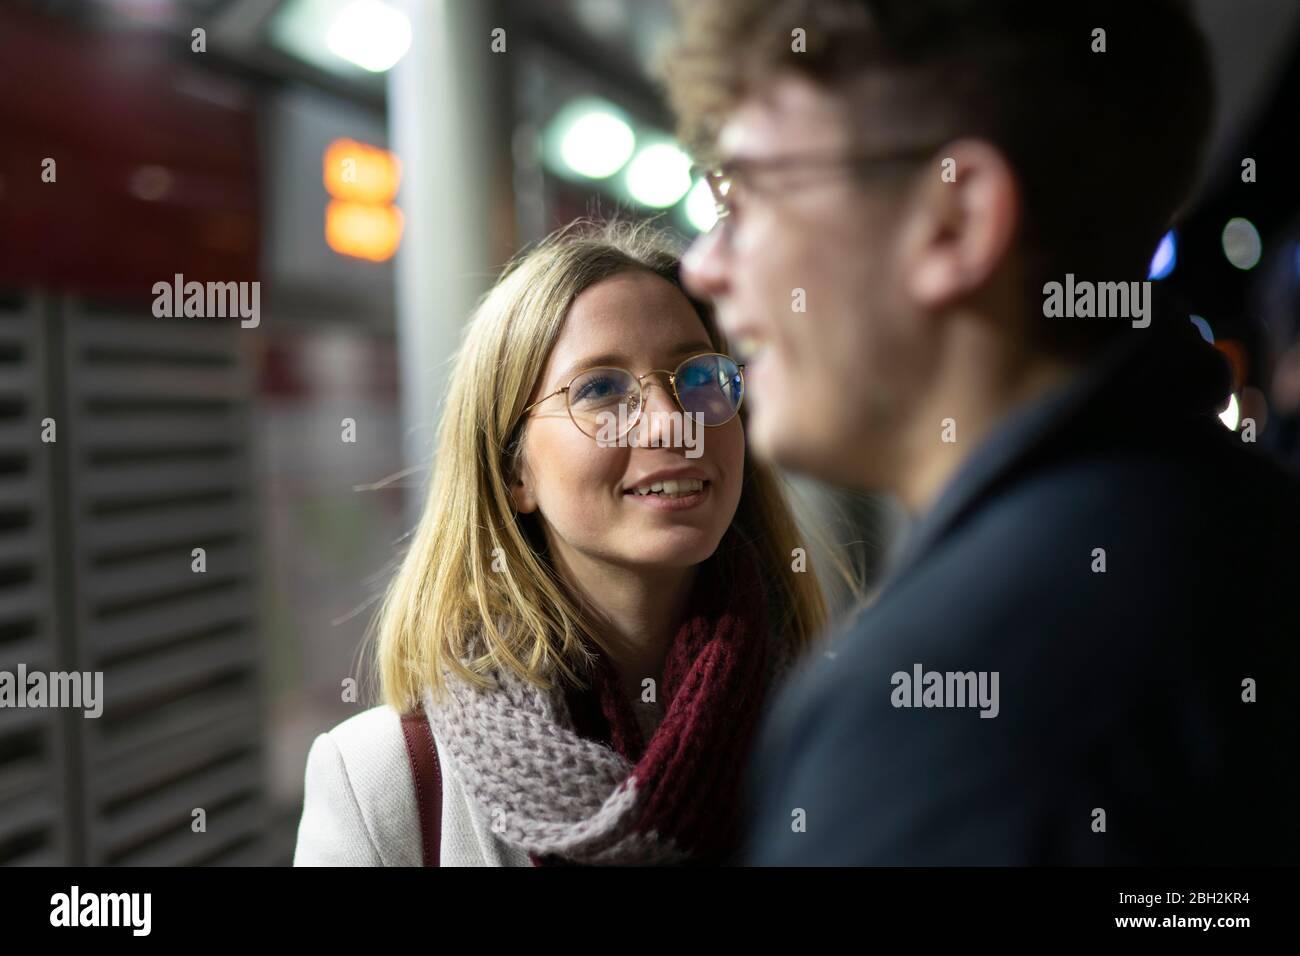 Ritratto di giovane donna sorridente che guarda il suo ragazzo Foto Stock